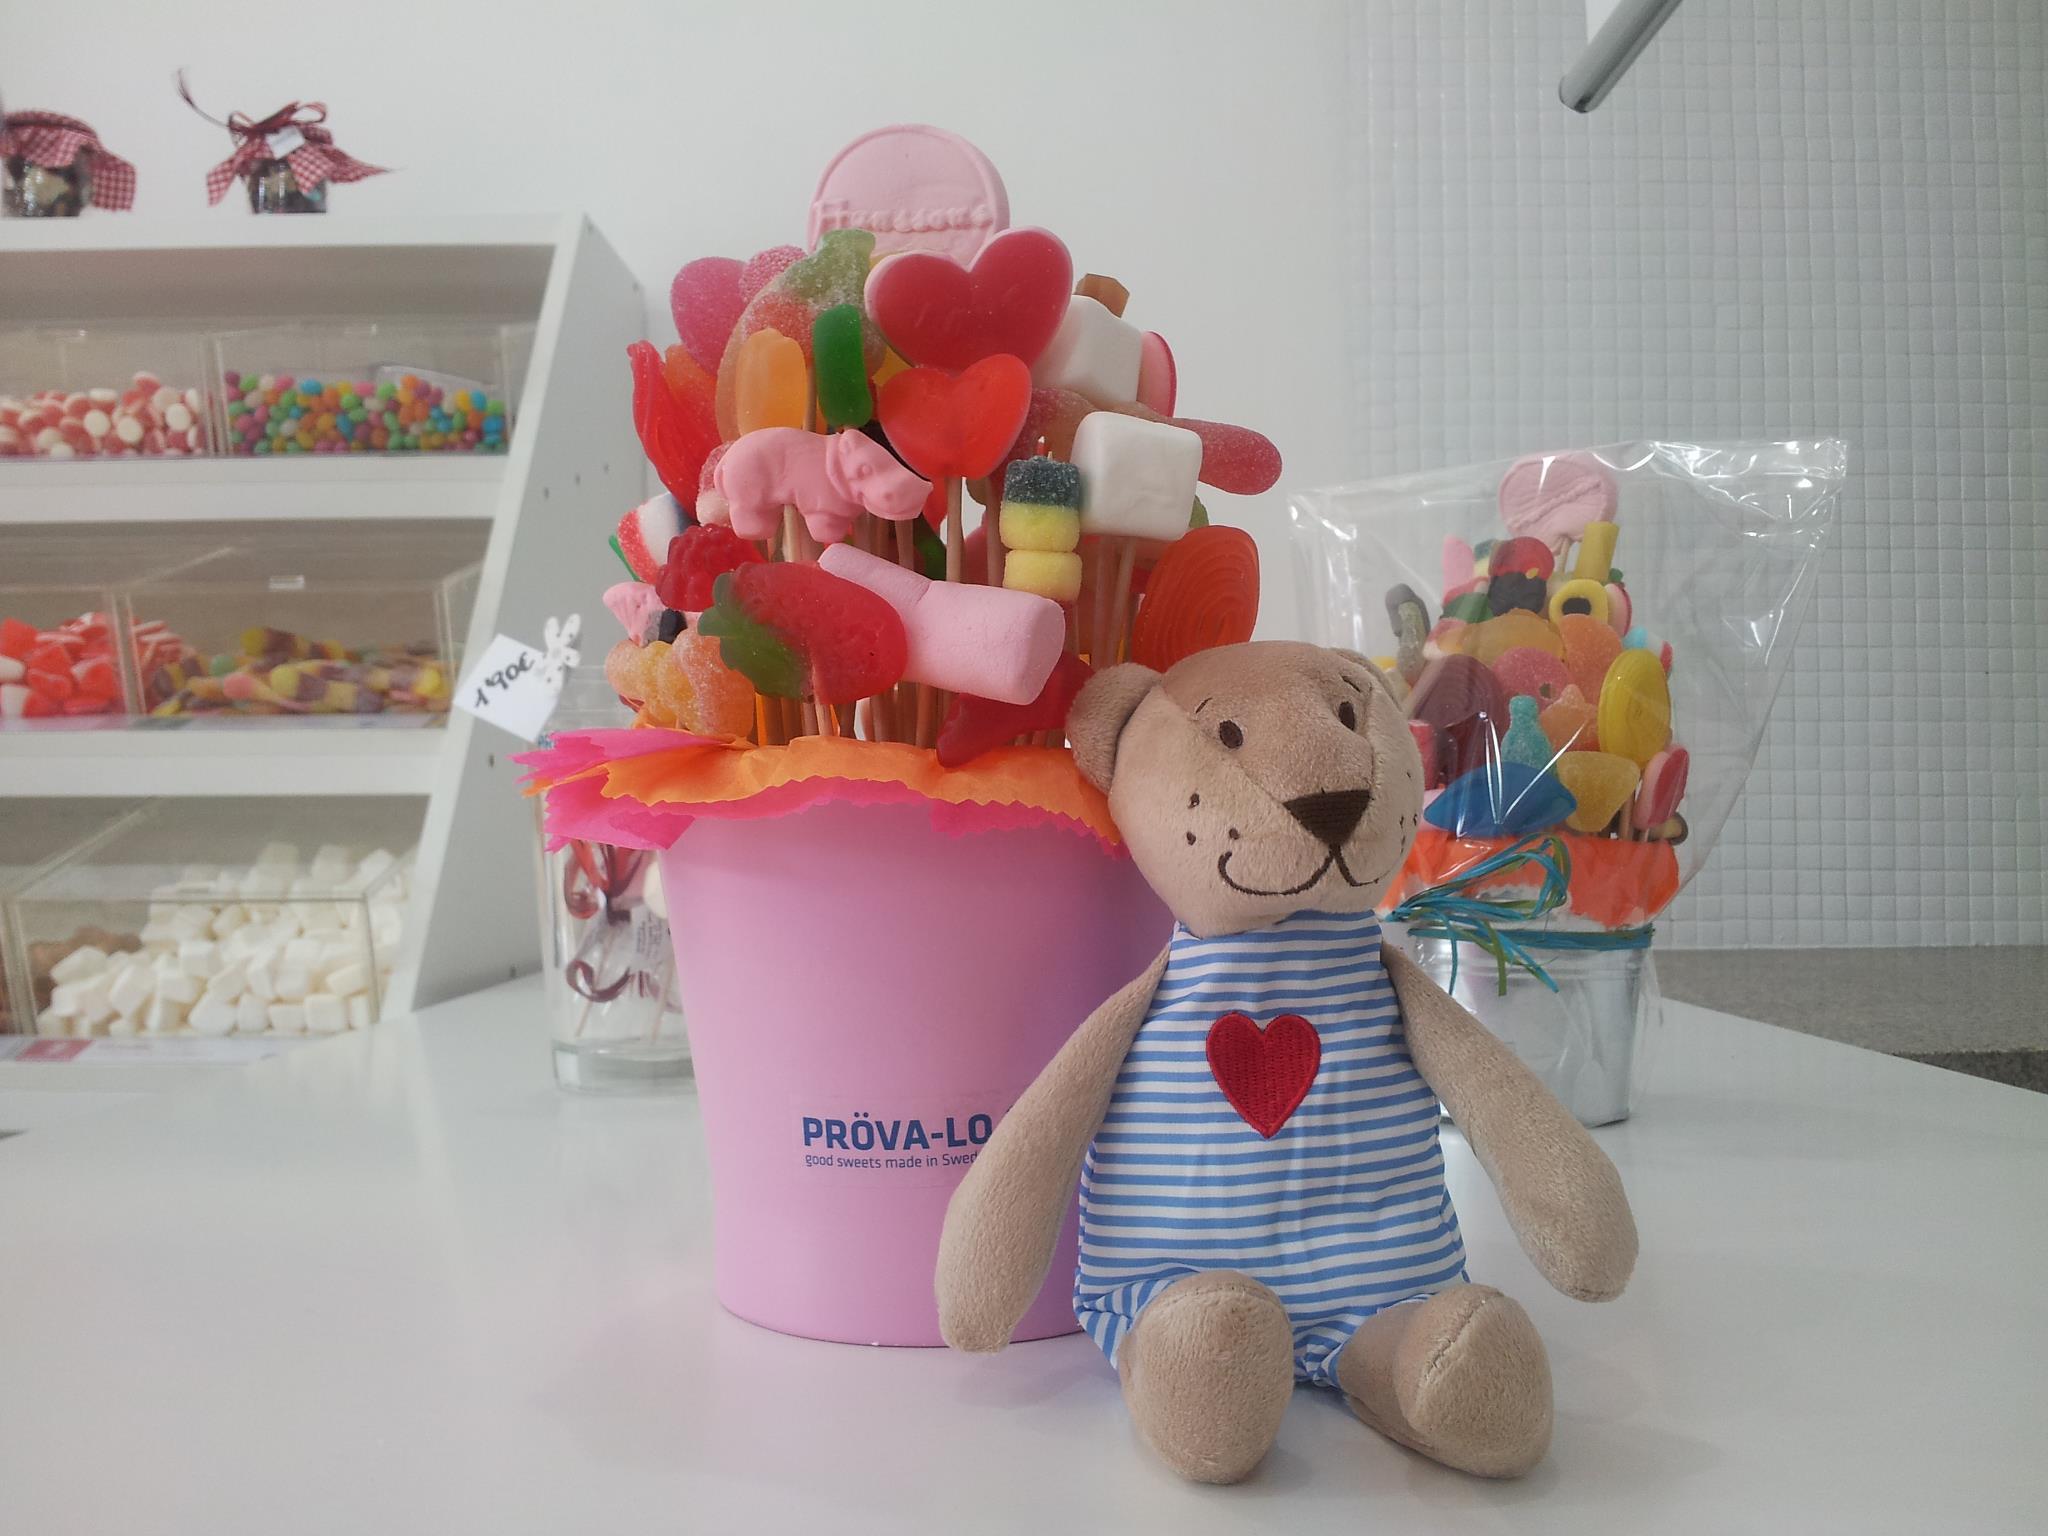 Pröva-lo Vigo: Golosinas y dulces suecos